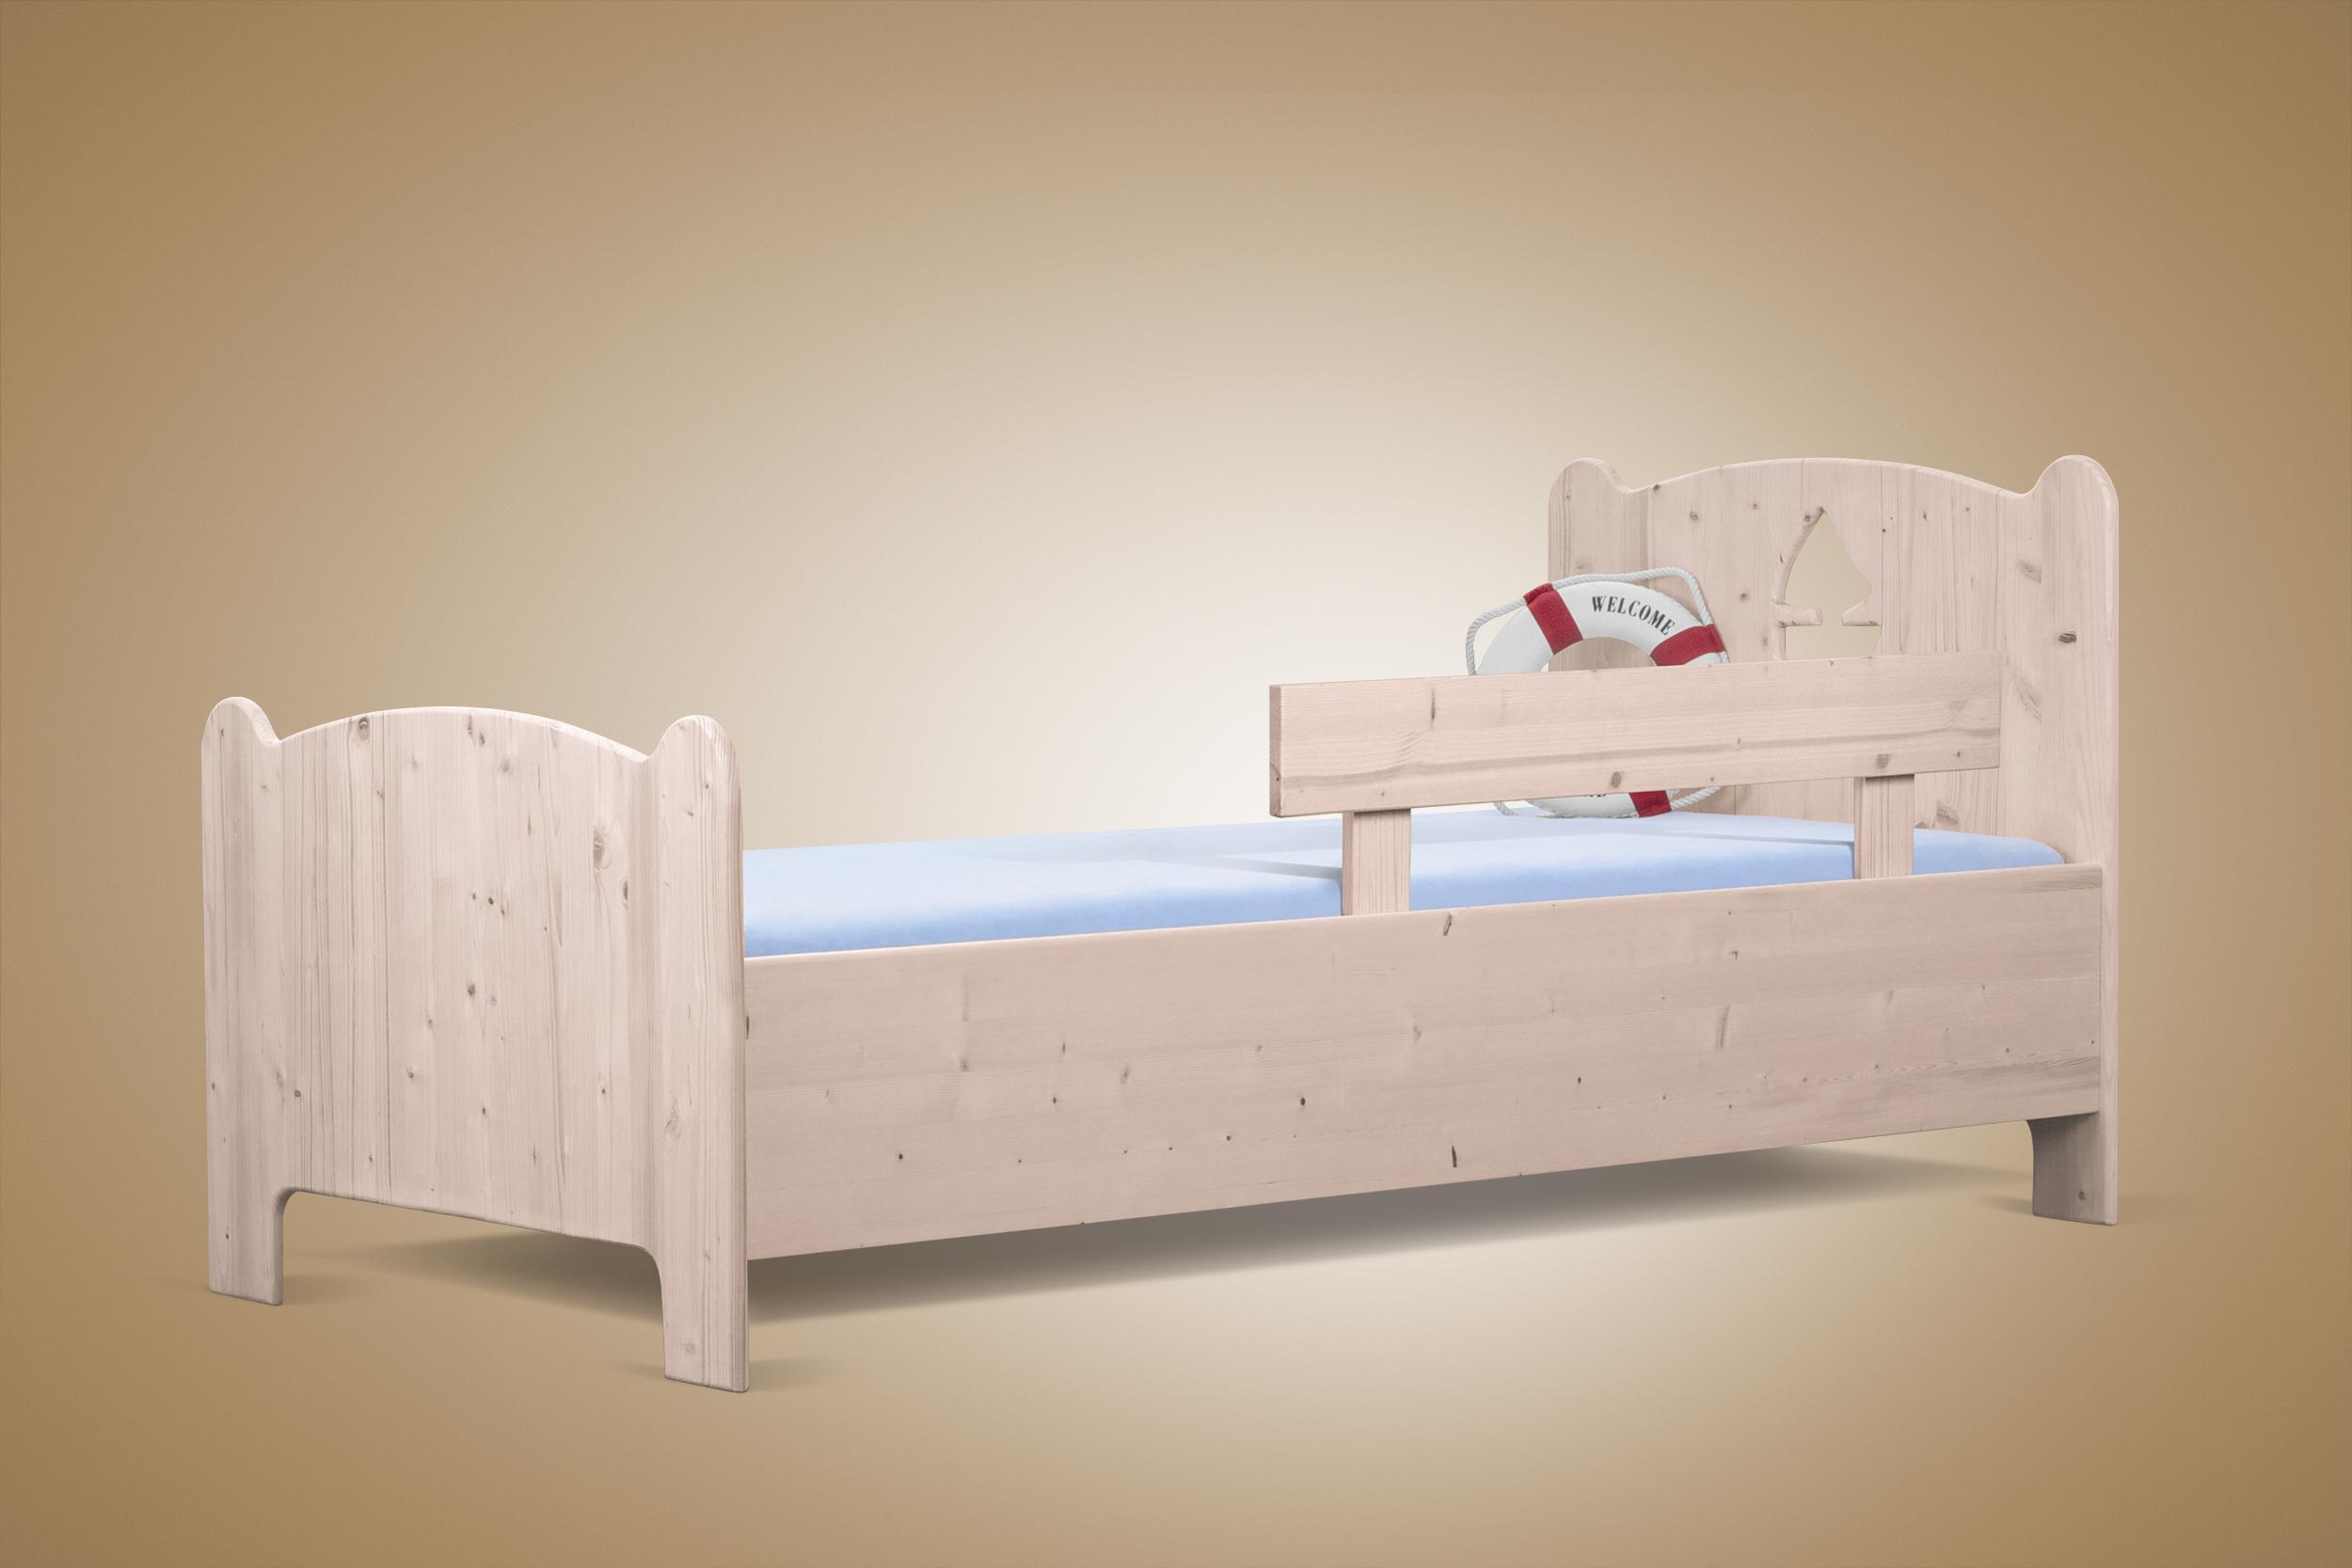 Full Size of Rausfallschutz Bett Kinder Reise Reisen Ikea Babymarkt Baby Walz Oder Fallschutz Fr Ihr Kinderbett Treca Betten Kopfteile Für Weißes 160x200 Rückwand Bett Rausfallschutz Bett